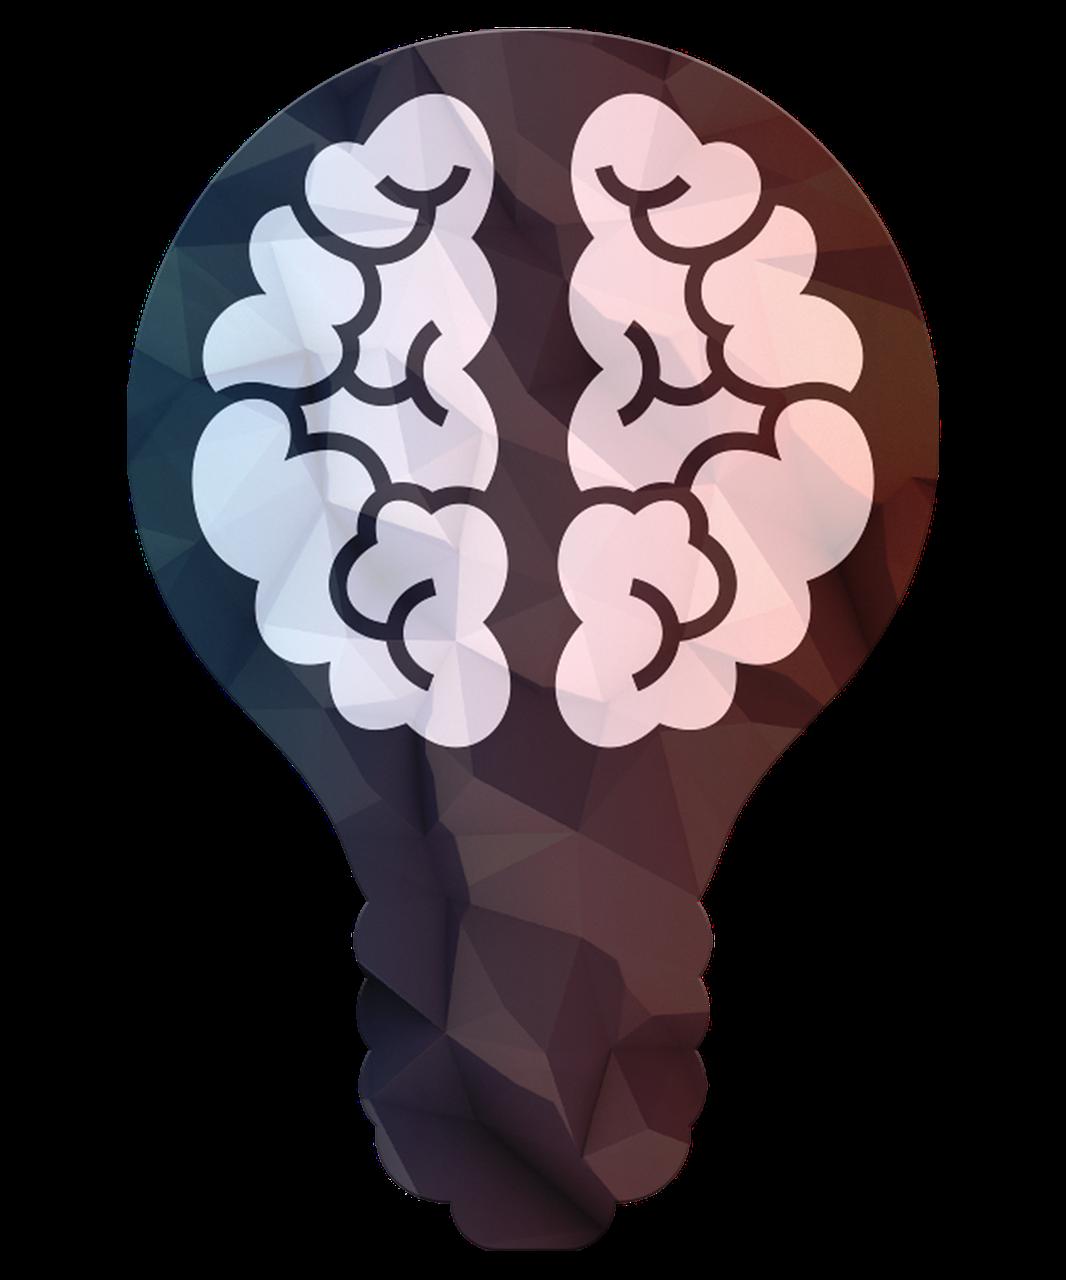 【重要記事:精神医療の現状について】成人のASD・ADHDの診断は、幼少期の状況などの丁寧な聴取が必要